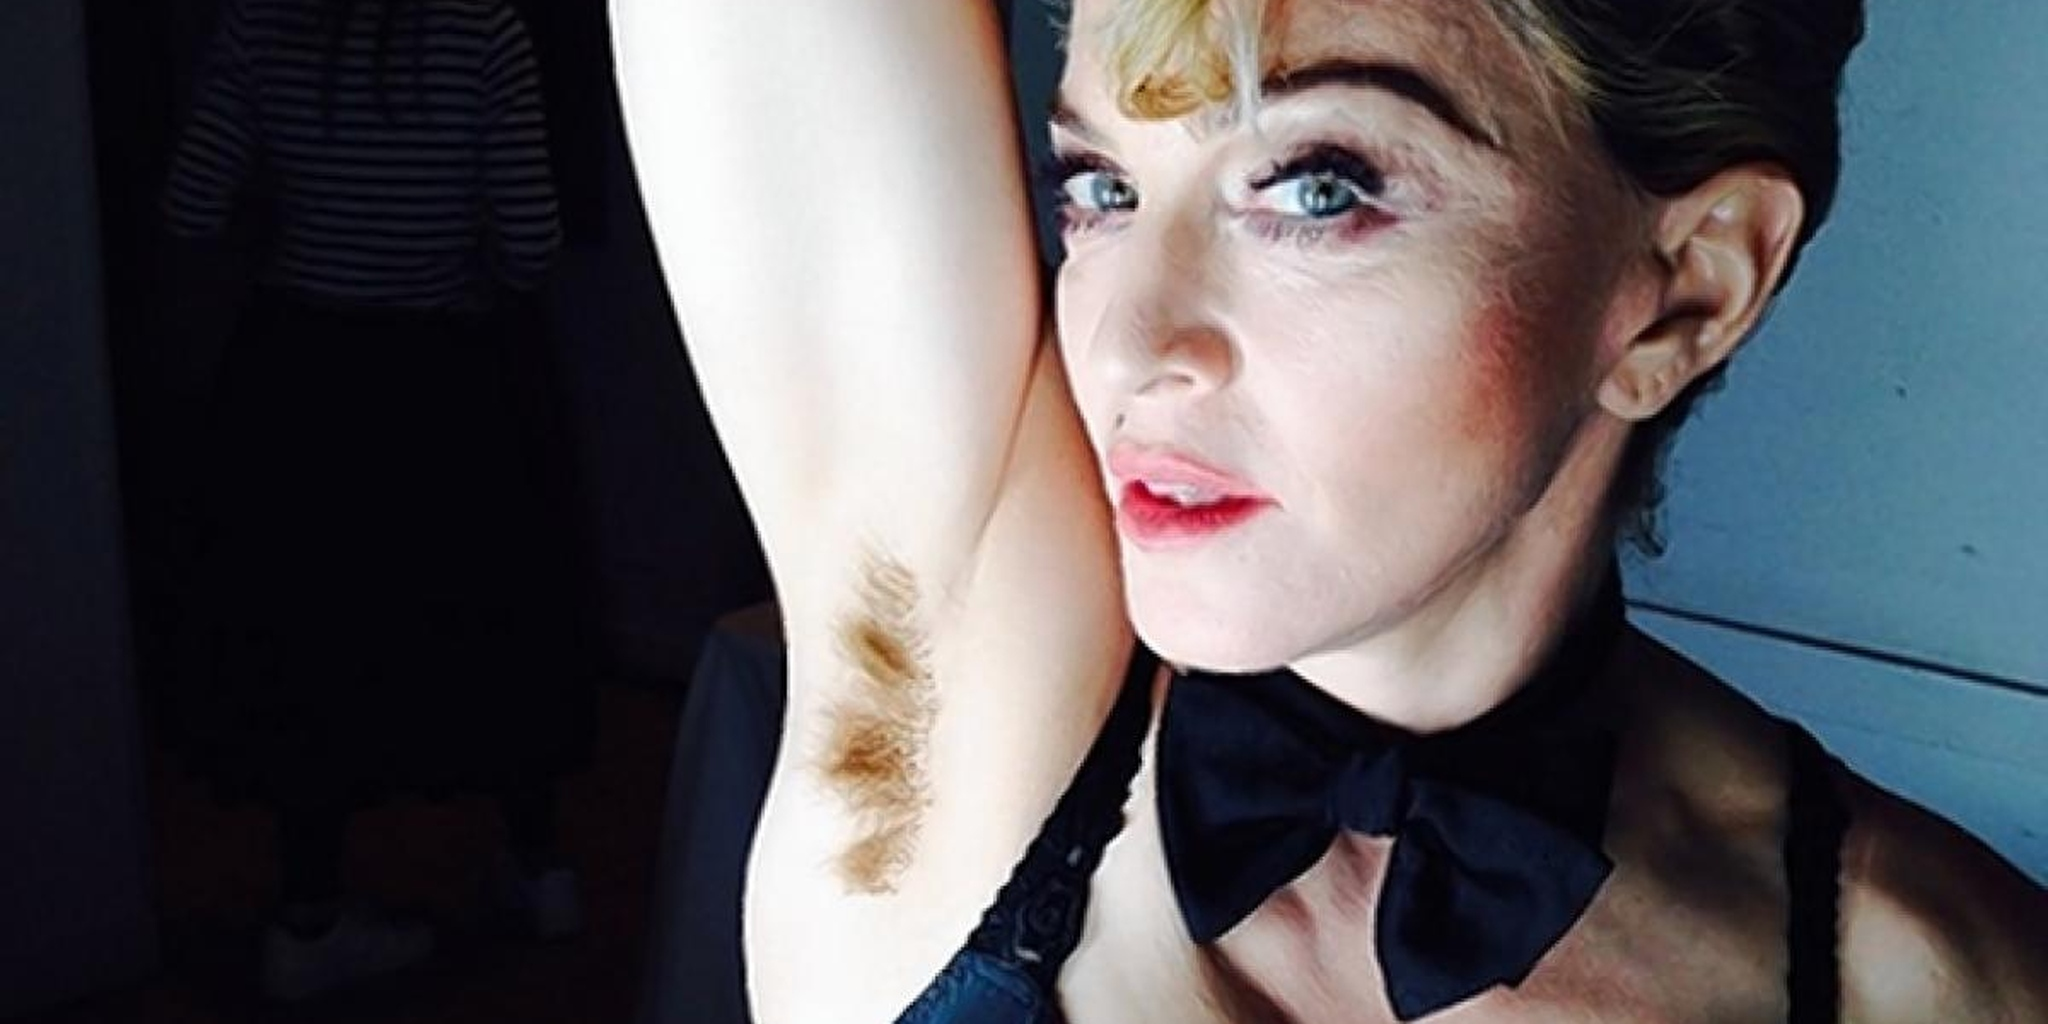 Con gái Madonna mặc xuyên thấu, lộ ngực và điểm phản cảm trên cơ thể